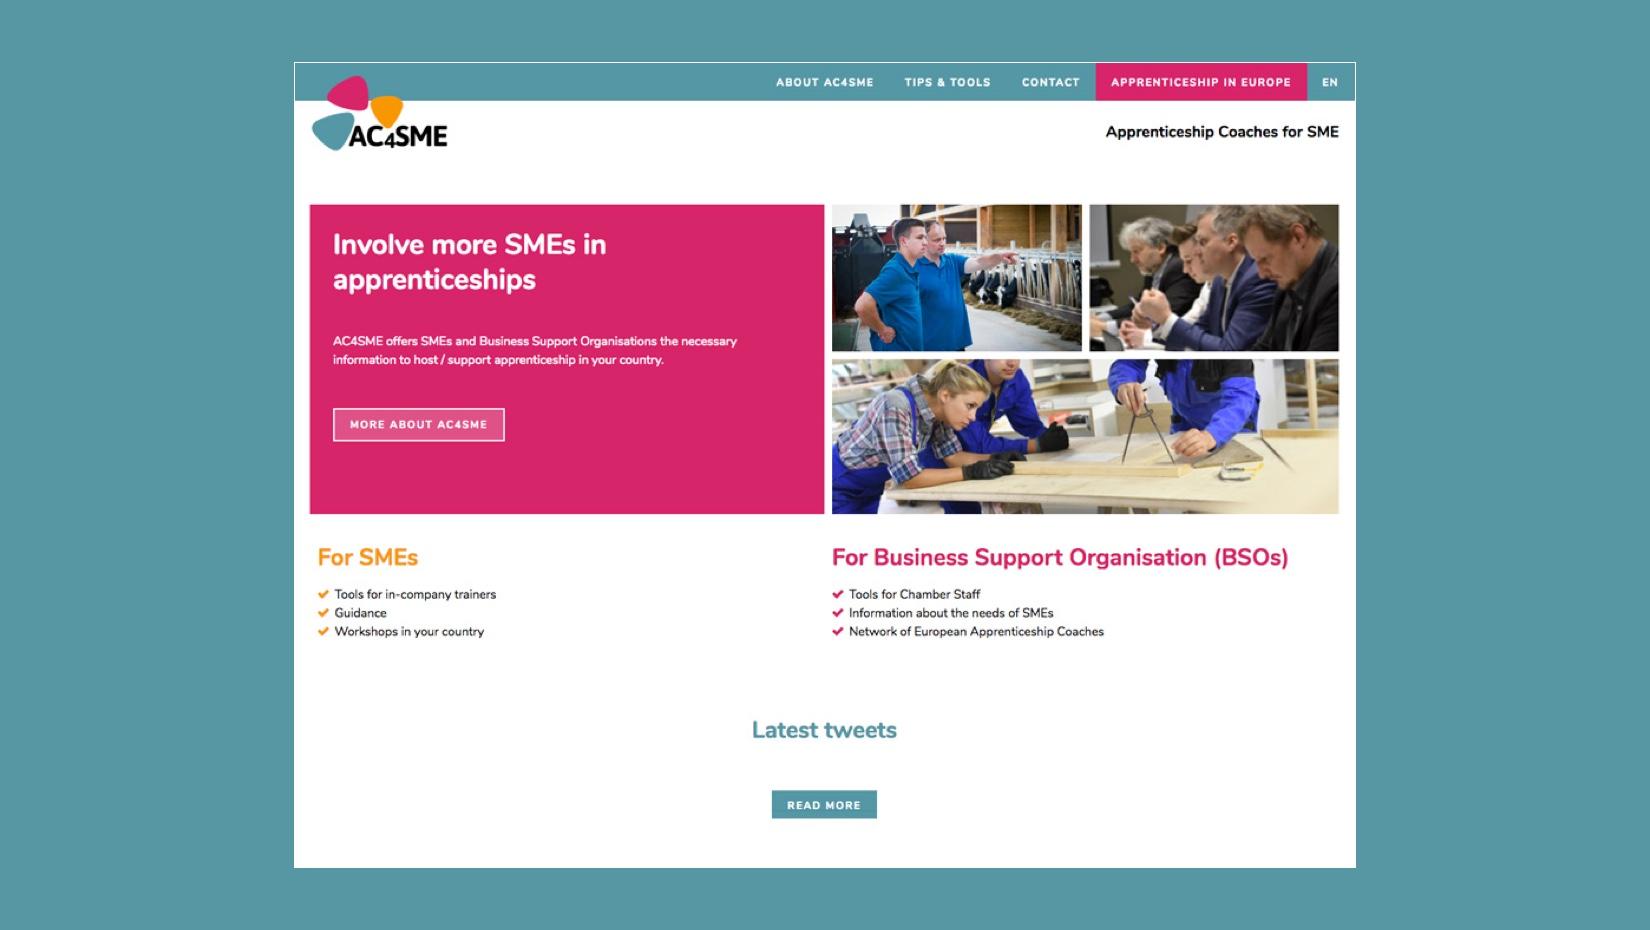 Réalisation d'une plate-forme web claire et efficace pour communiquer les challenges du projet AC4SME